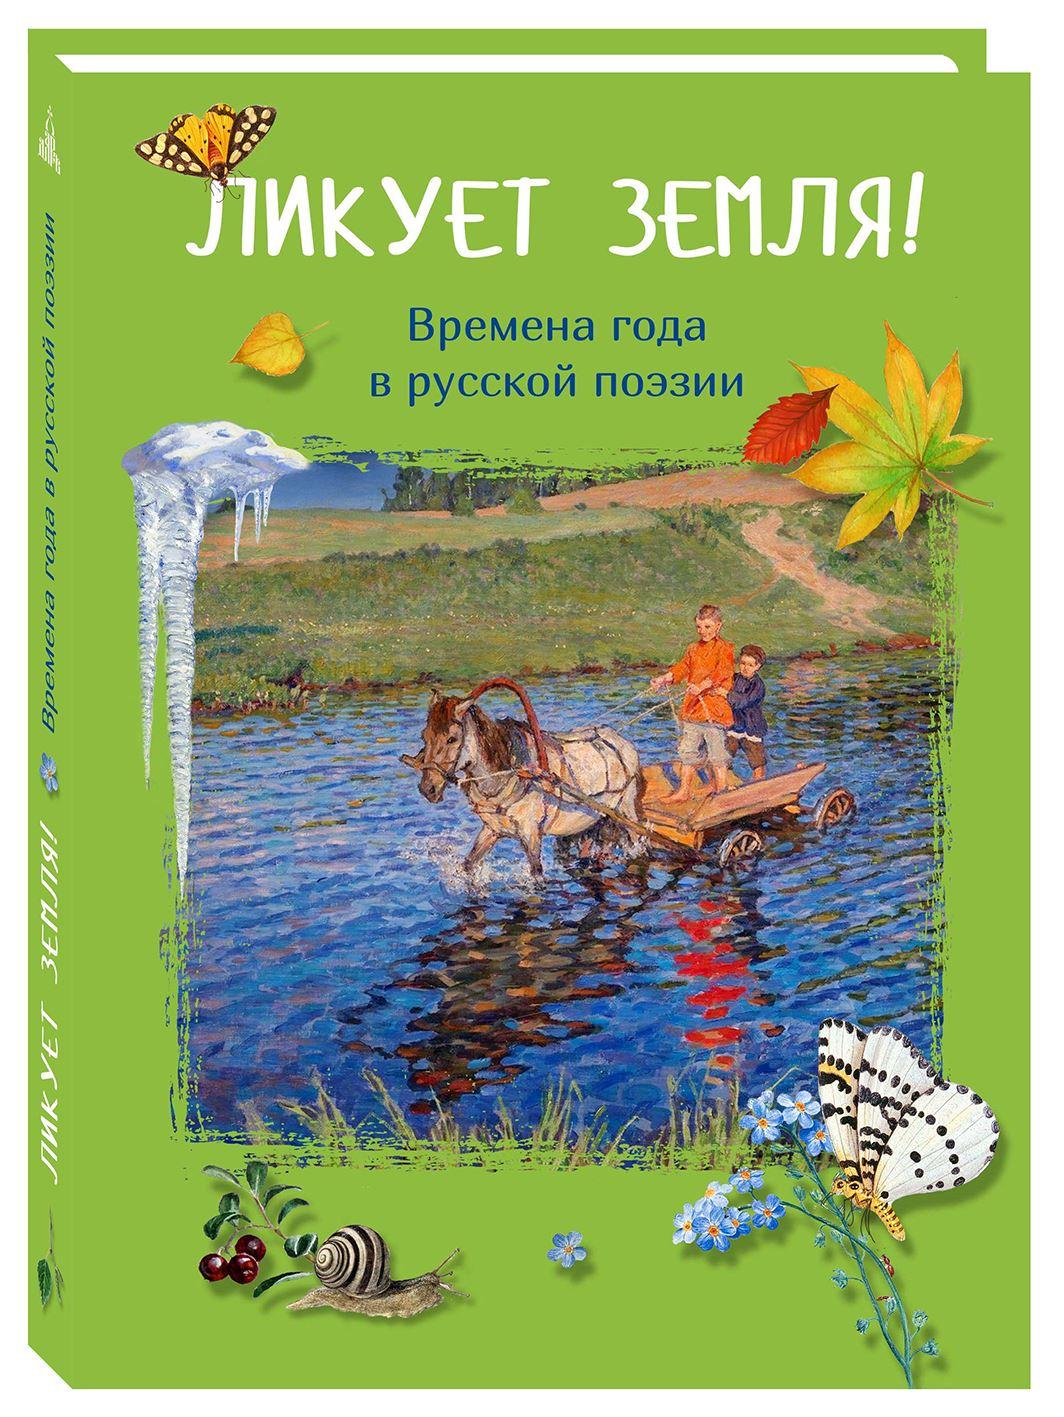 Ликует земля! Времена года в русской поэзии, Сборники стихов  - купить со скидкой